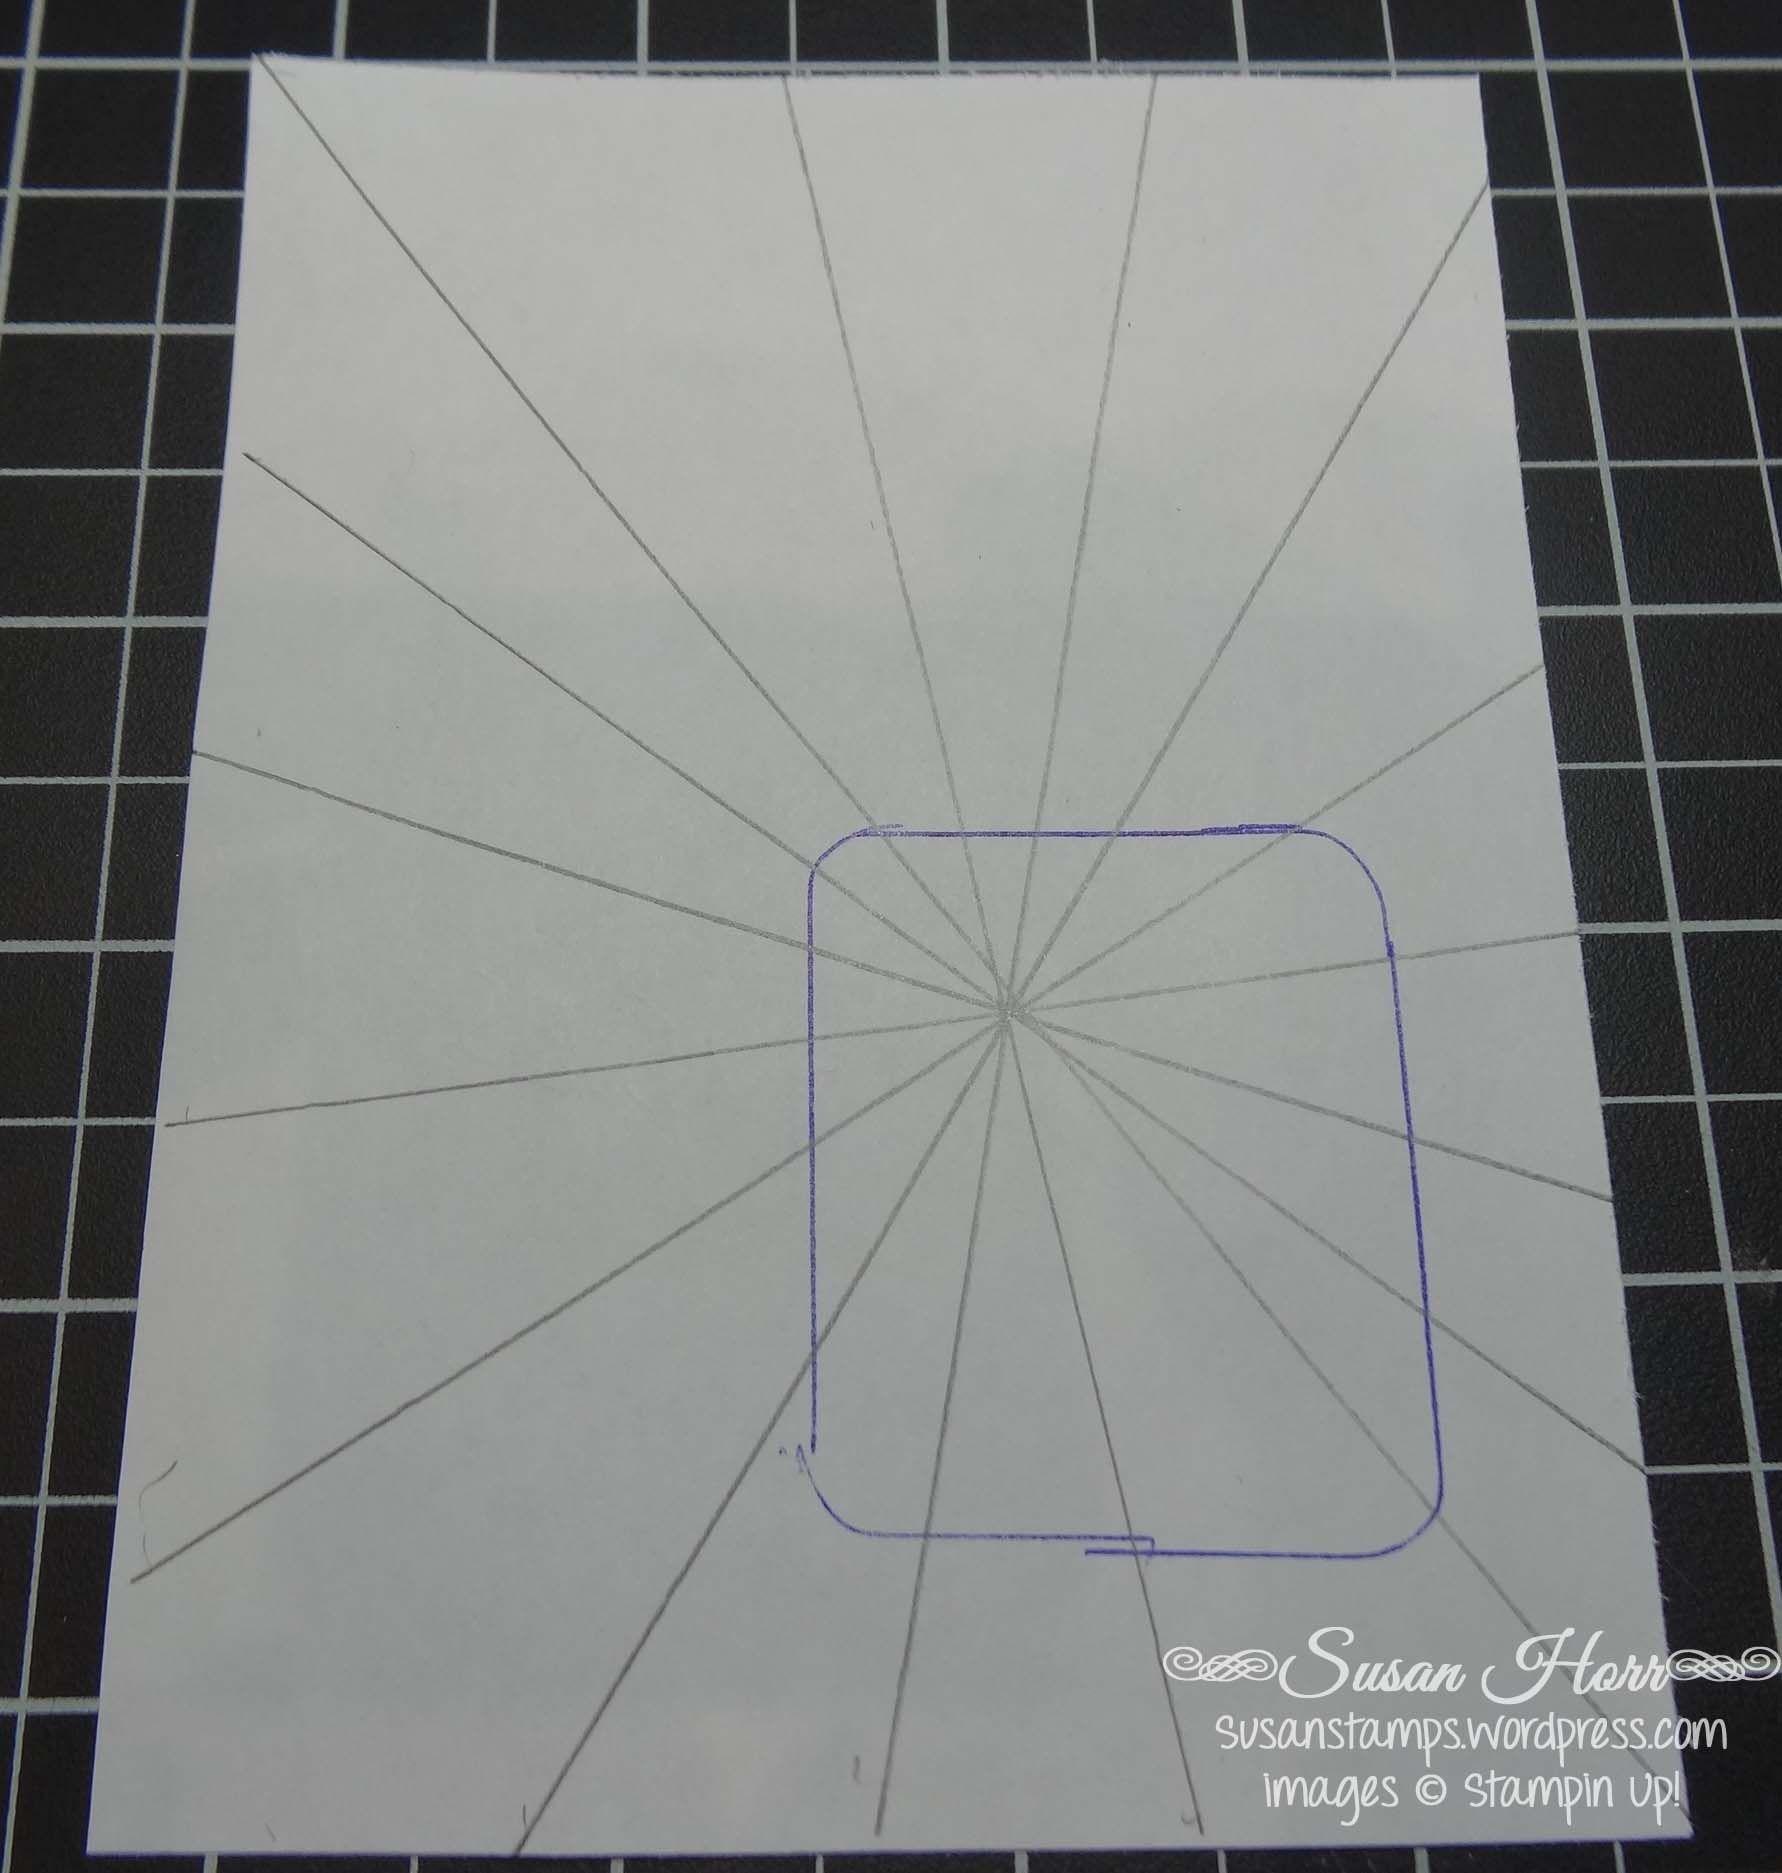 Star Burst Christmas Card Sunburst Cards Christmas Card Design Christmas Cards To Make